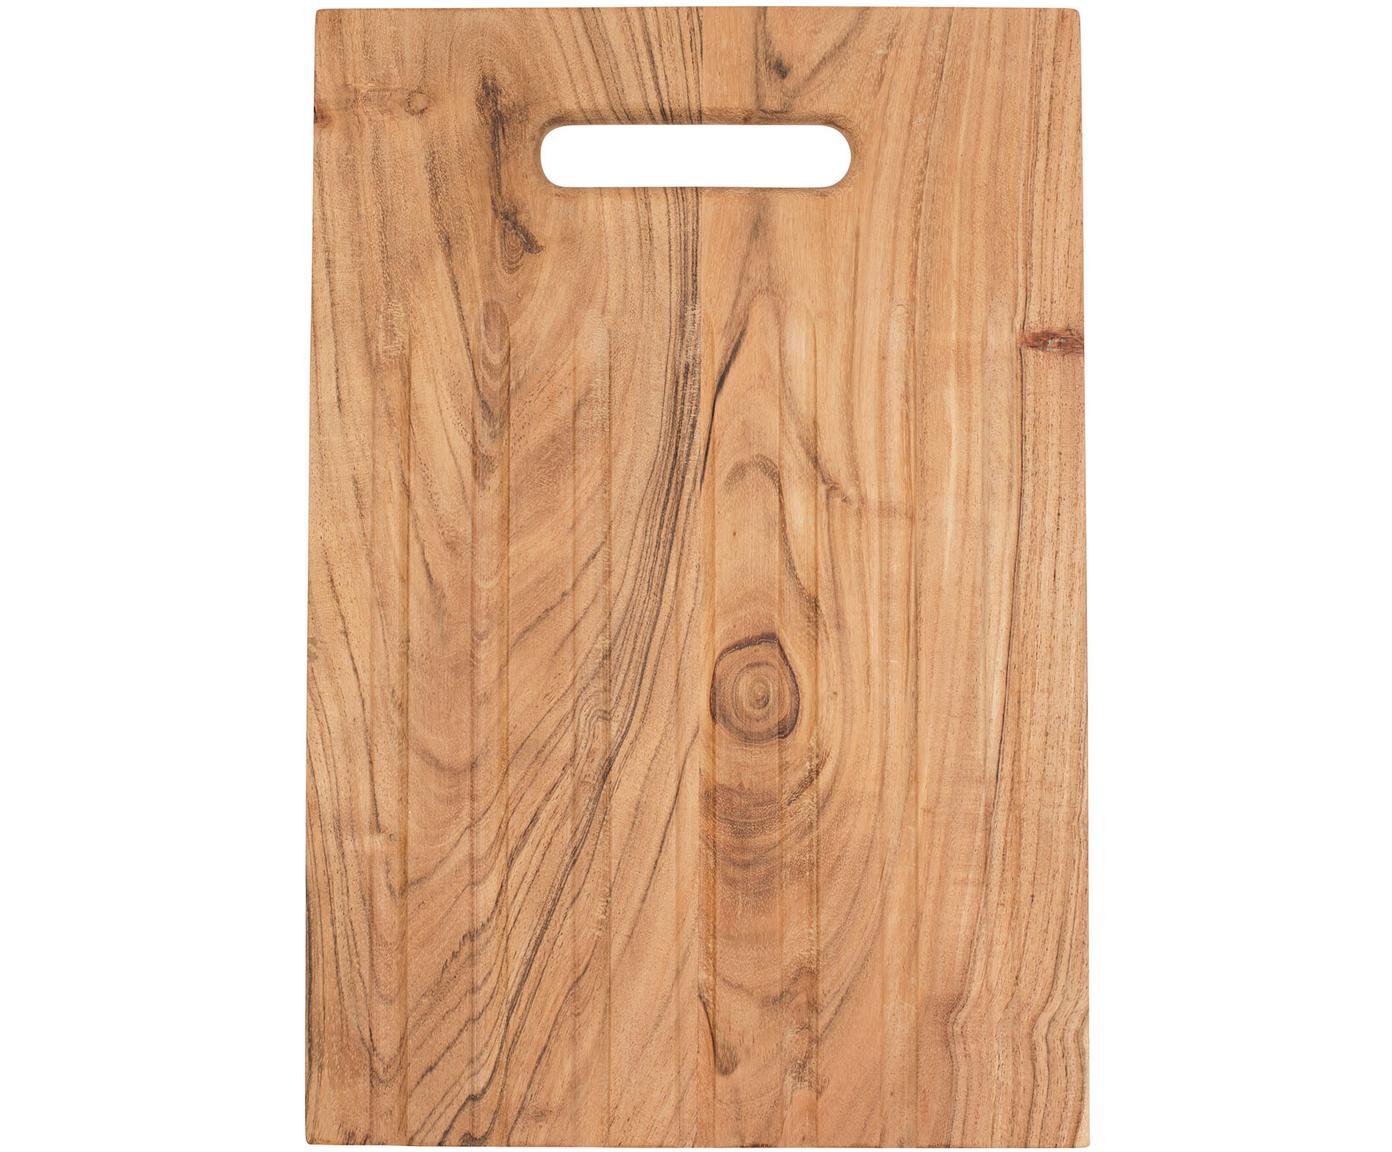 Tagliere in legno di acacia Bert, Legno di acacia, Legno d'acacia, Larg. 38 x Prof. 25 cm